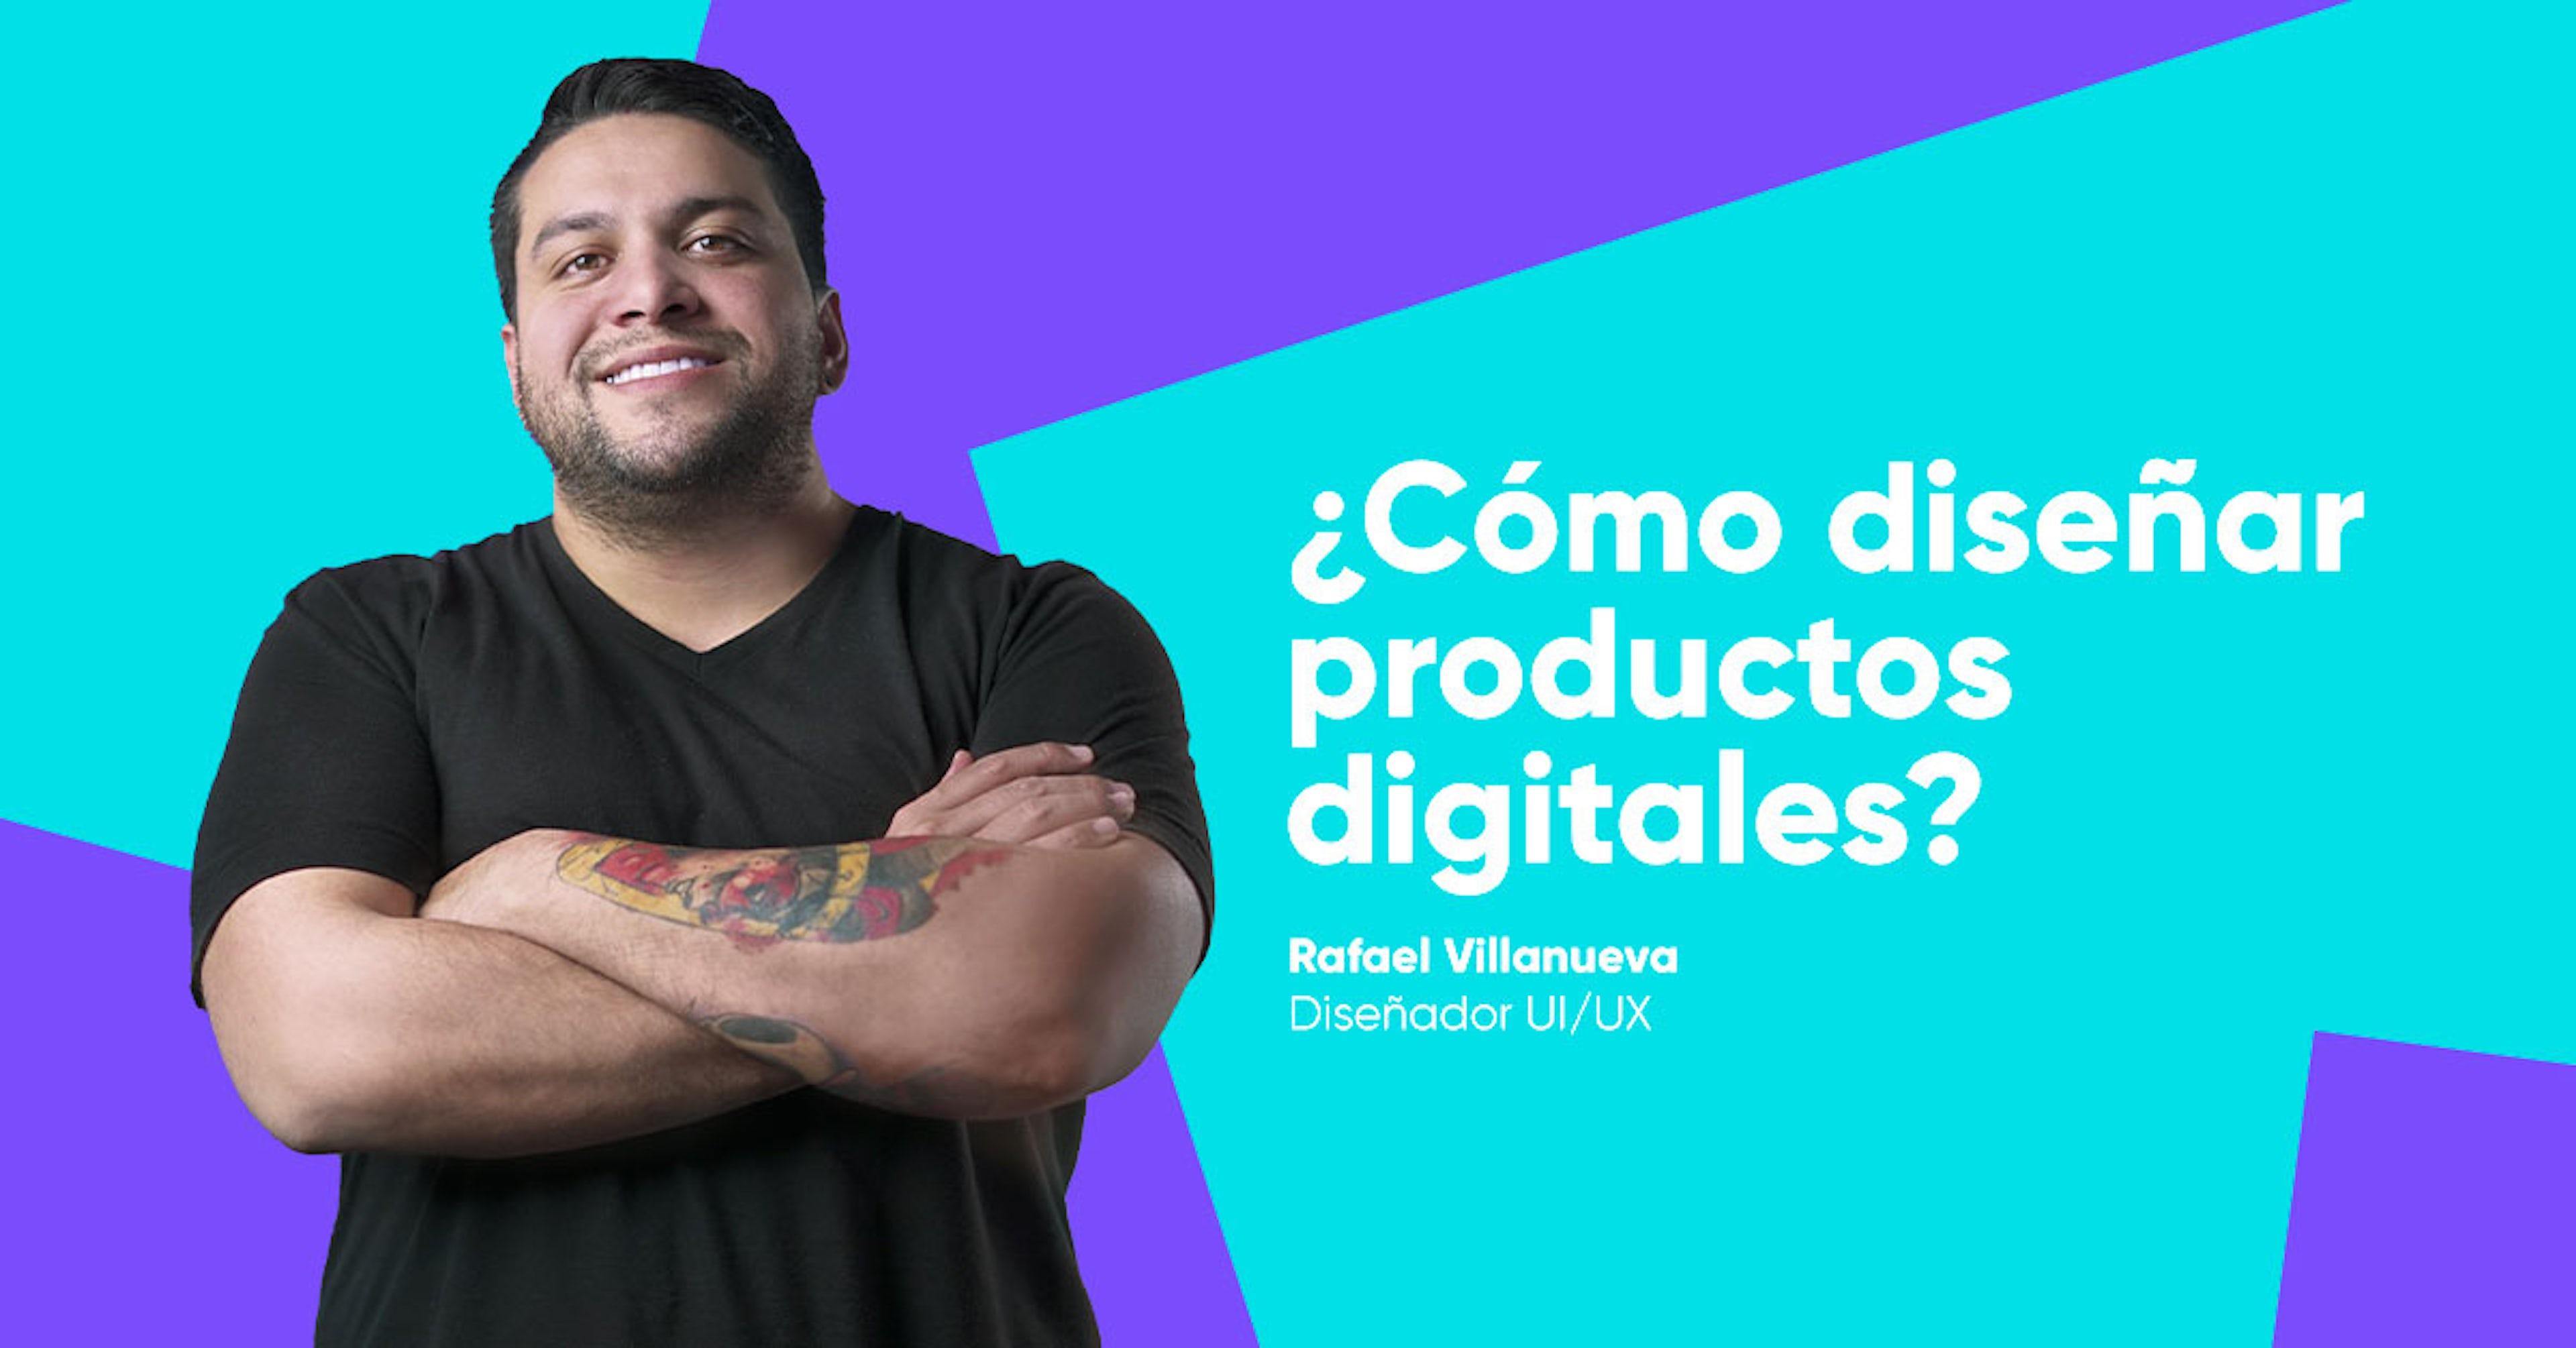 ¿Cómo diseñar productos digitales? Comienza en la inspiración